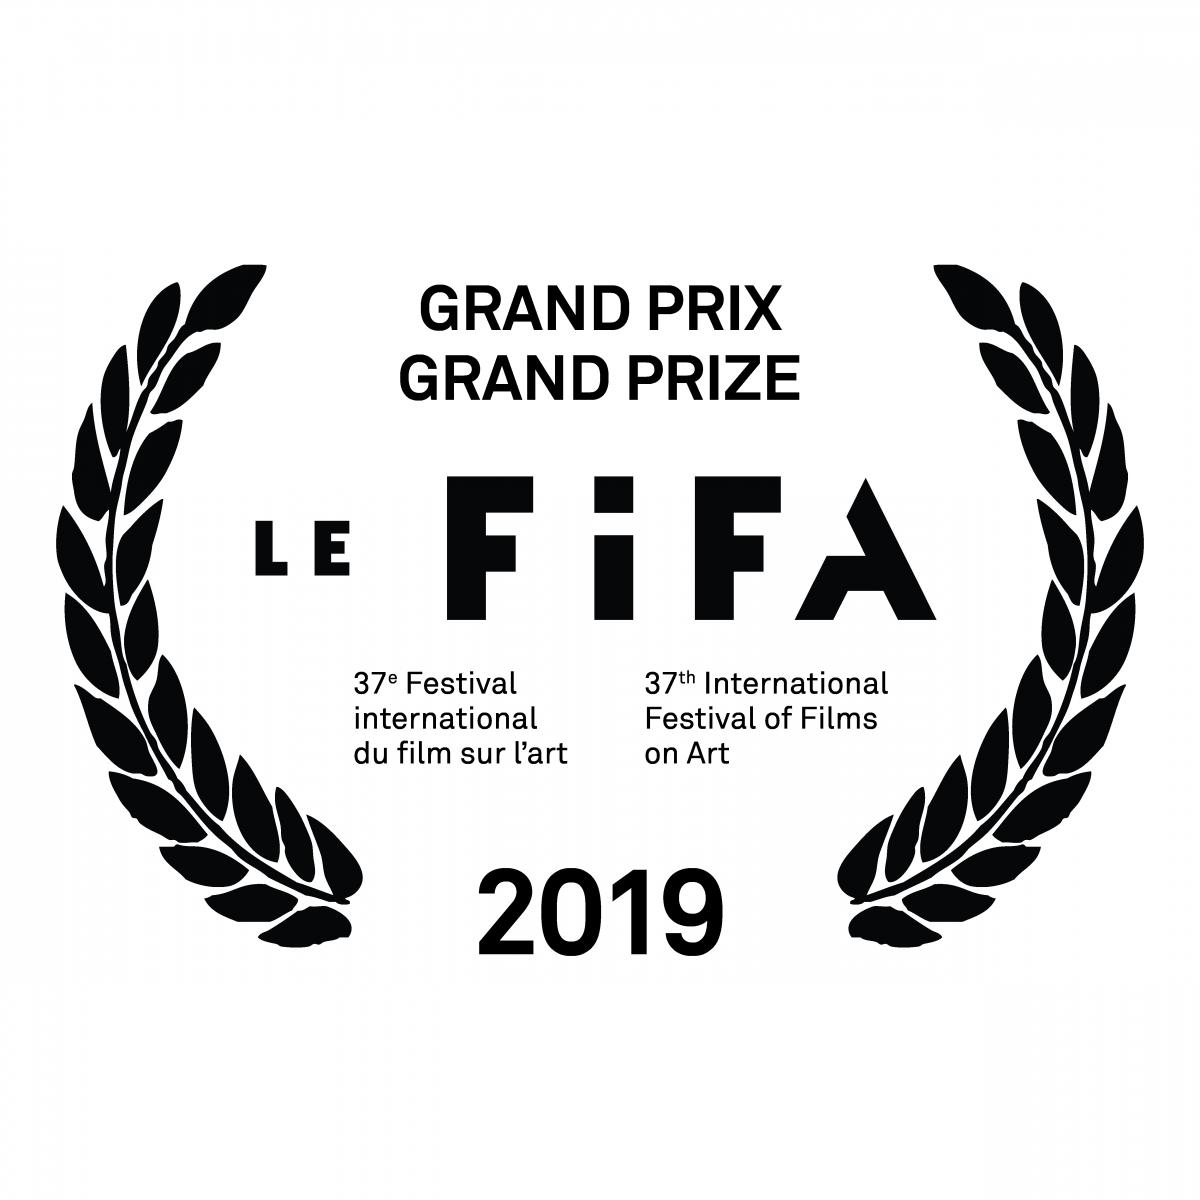 Le FIFA - Le 37e Festival international du film sur l'art dévoile son palmarès 2019